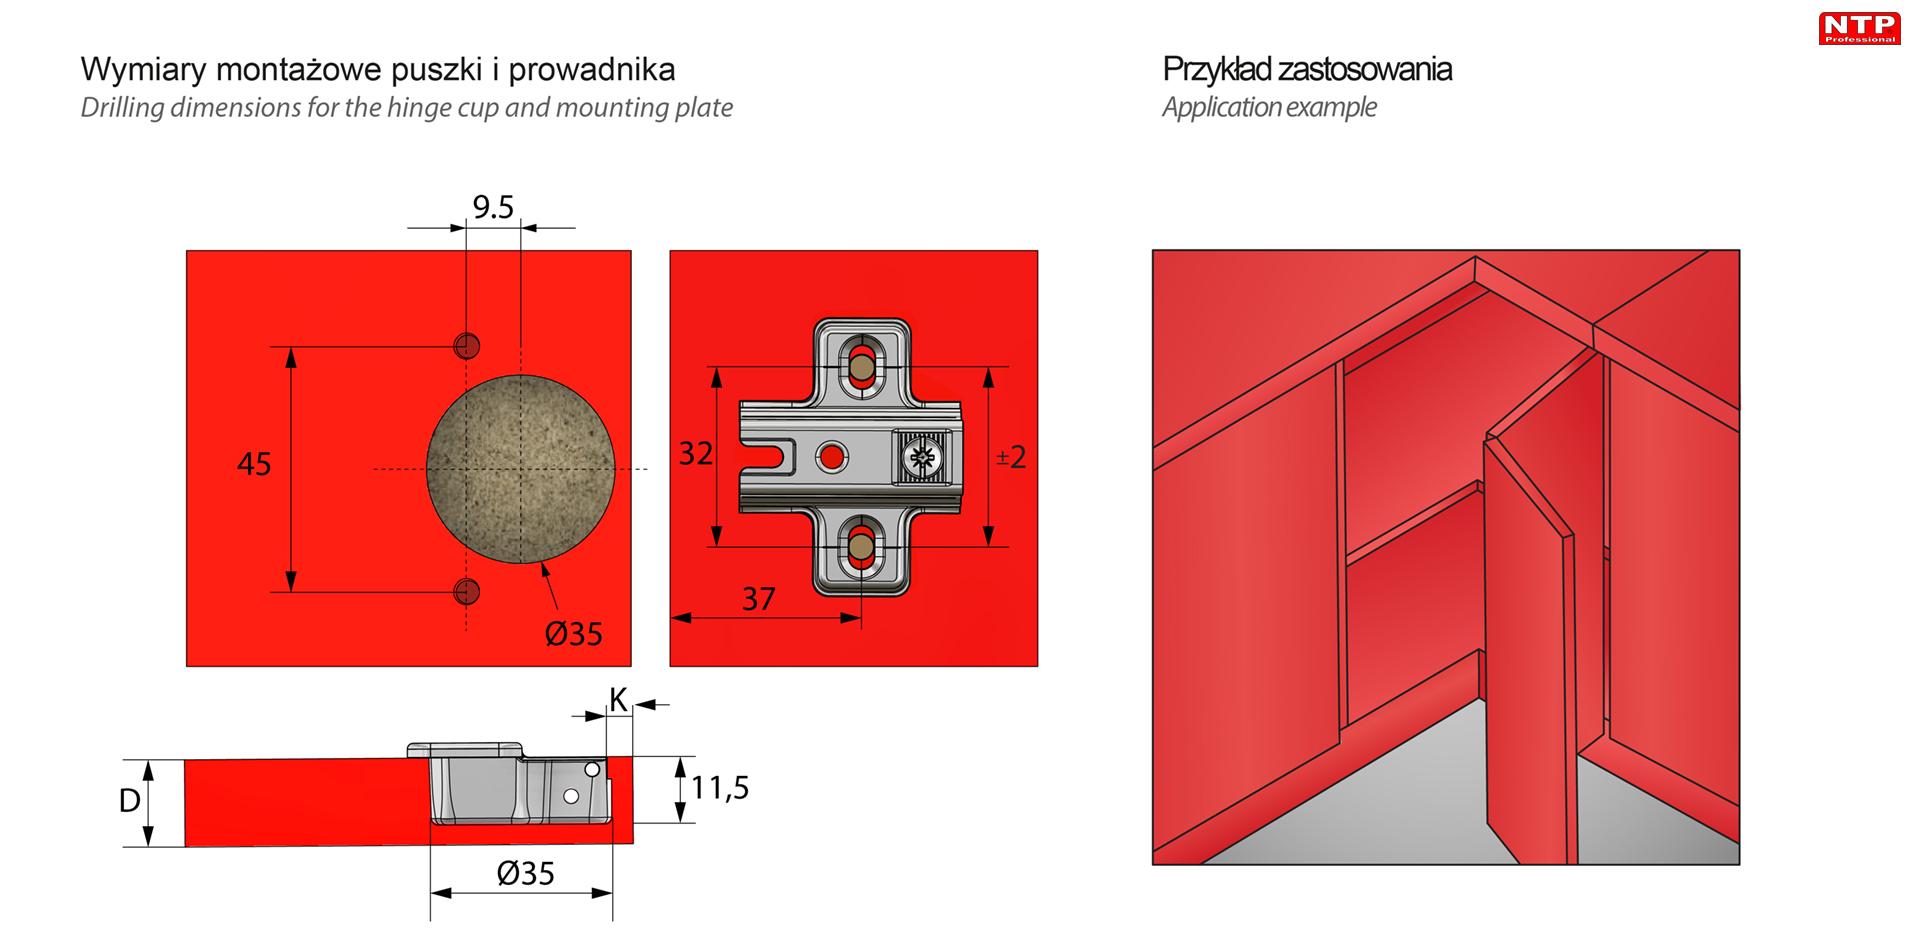 ZP01-H2 Przykład zastosowania